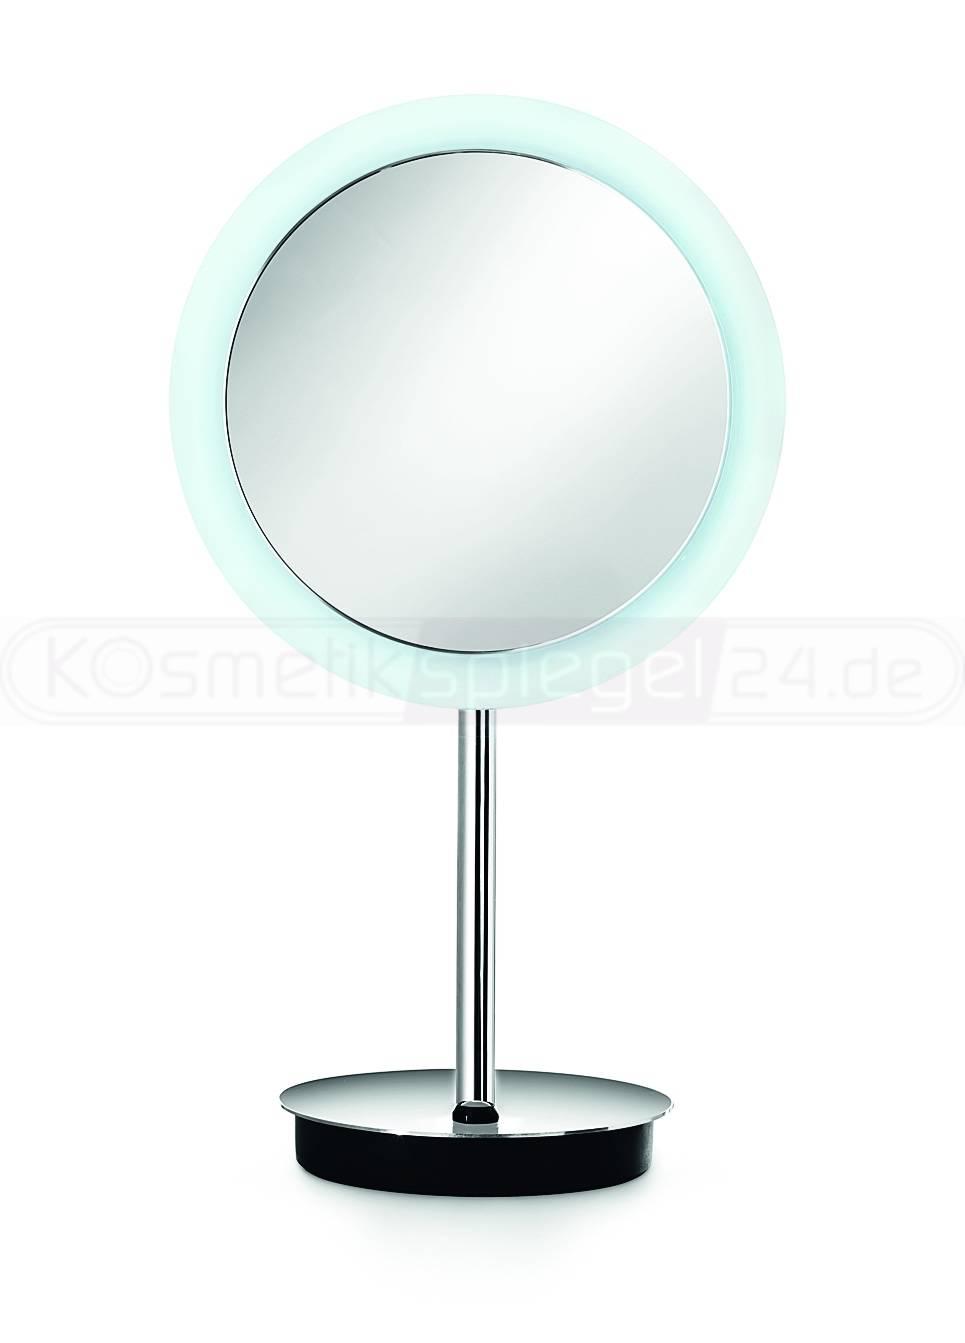 design stand led kosmetikspiegel 23cm 3 fach vergr erung wirkt wie 5 fach 230 volt sehr hell. Black Bedroom Furniture Sets. Home Design Ideas